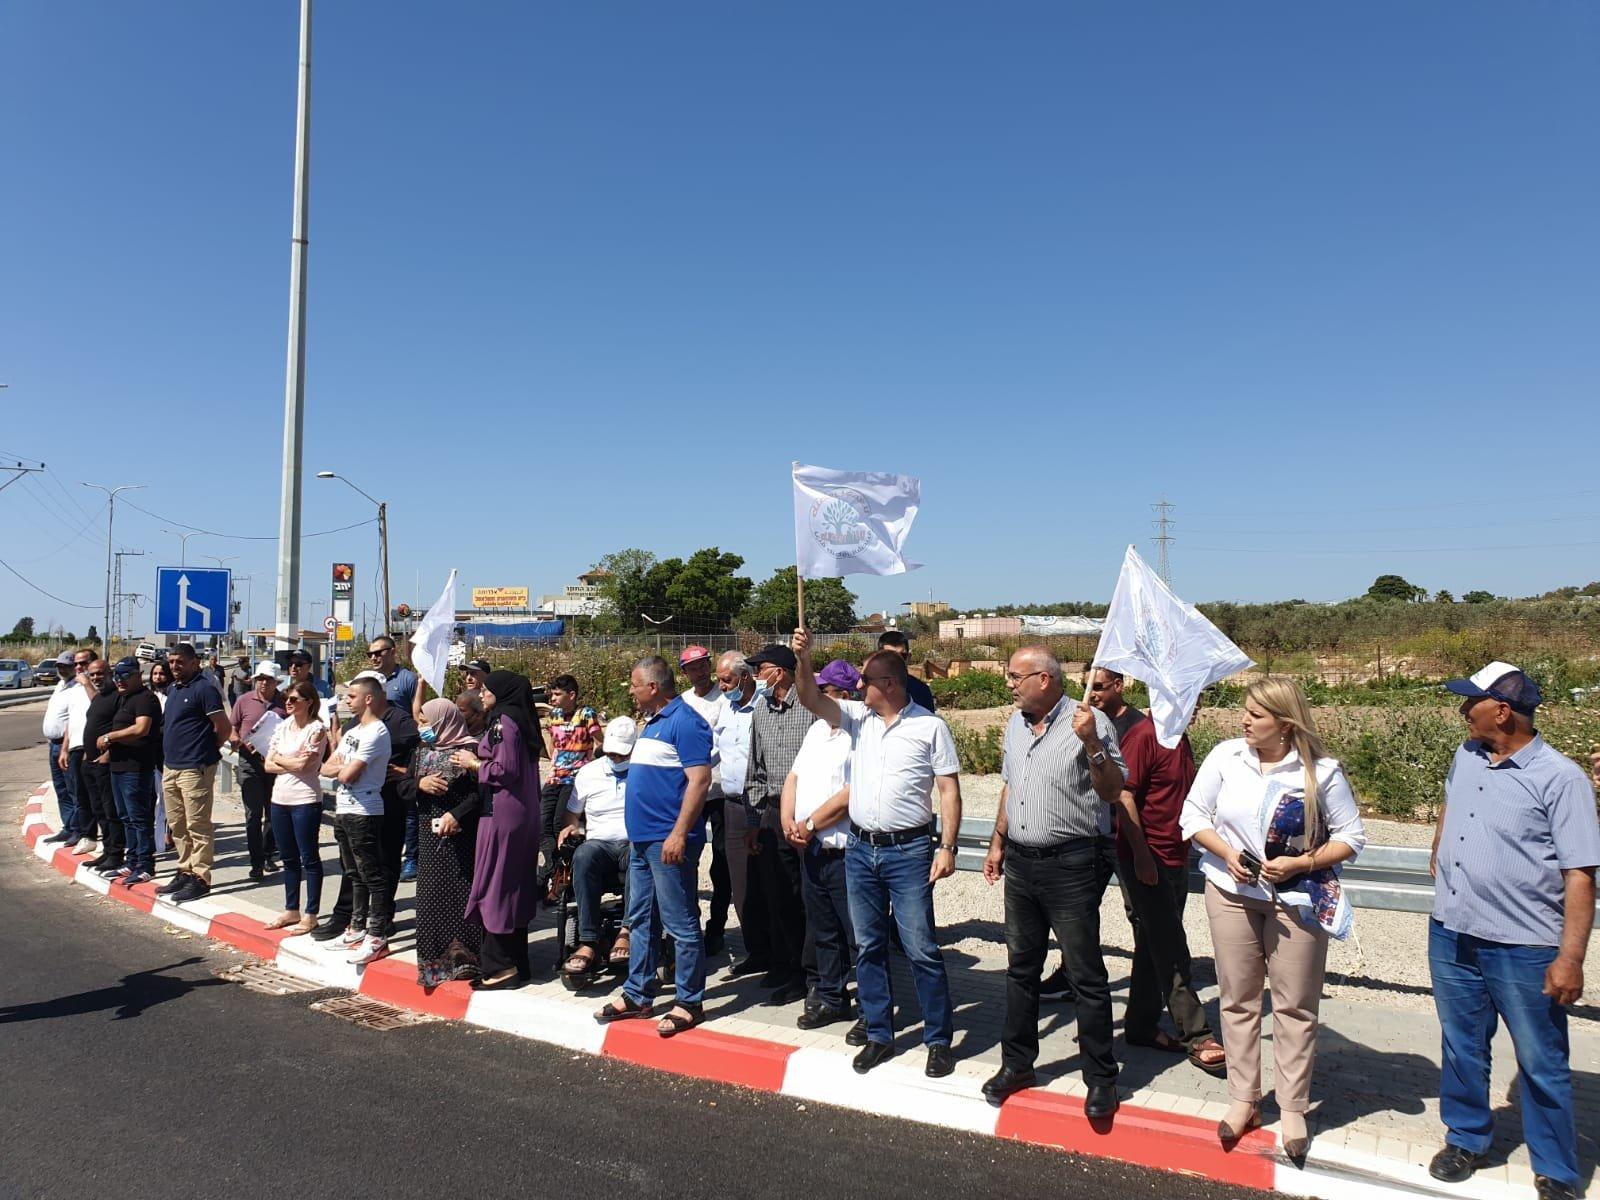 اعتقالات في مظاهرة ضد مصادرة اراضي في الجديدة- المكر-1